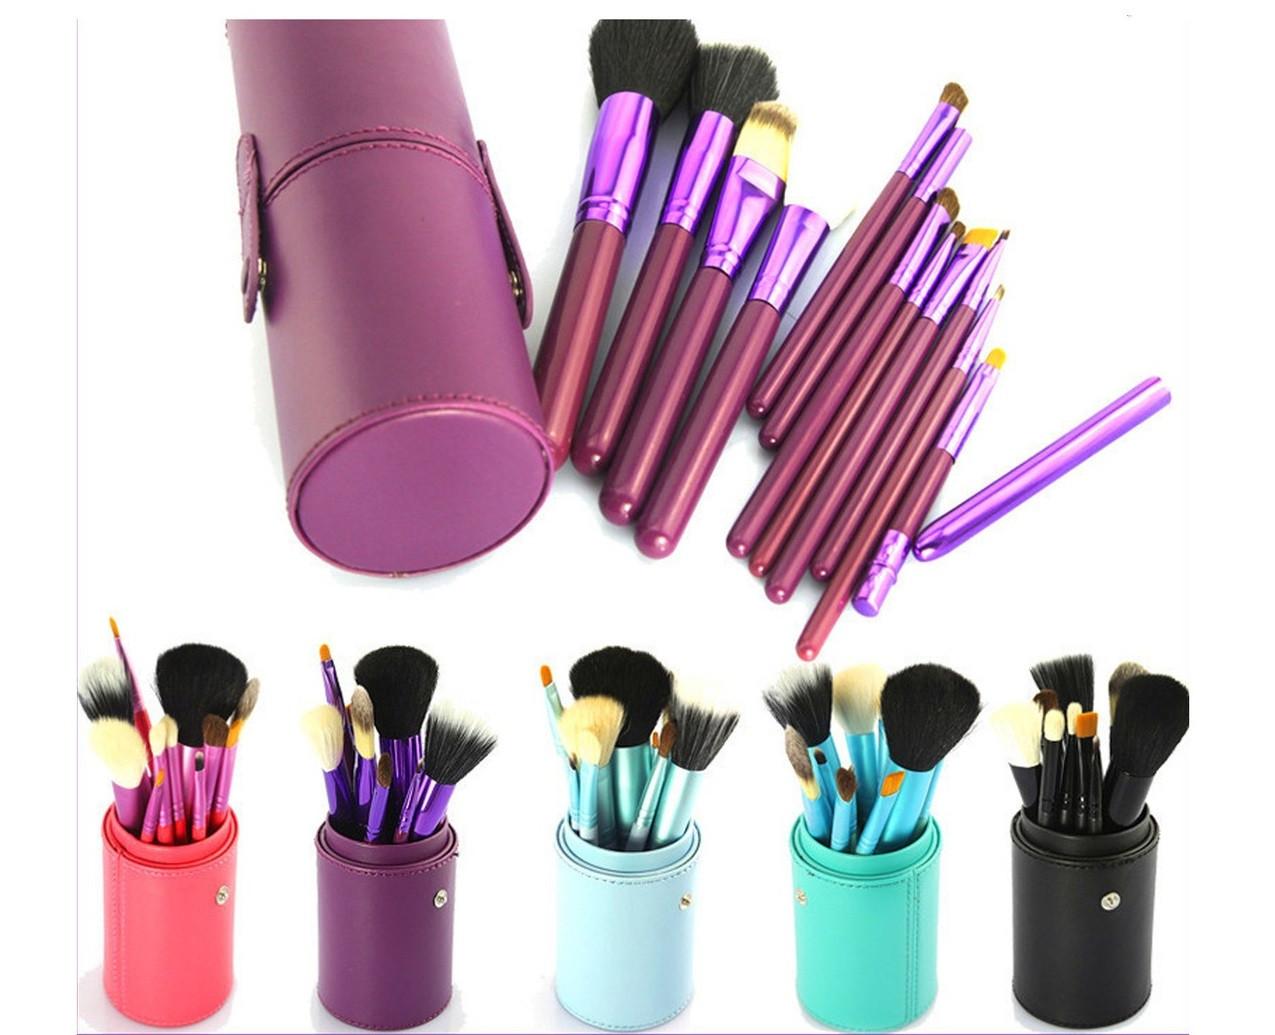 Большой набор кистей для нанесения макияжа МАС 12 шт в фиолетовом тубусе